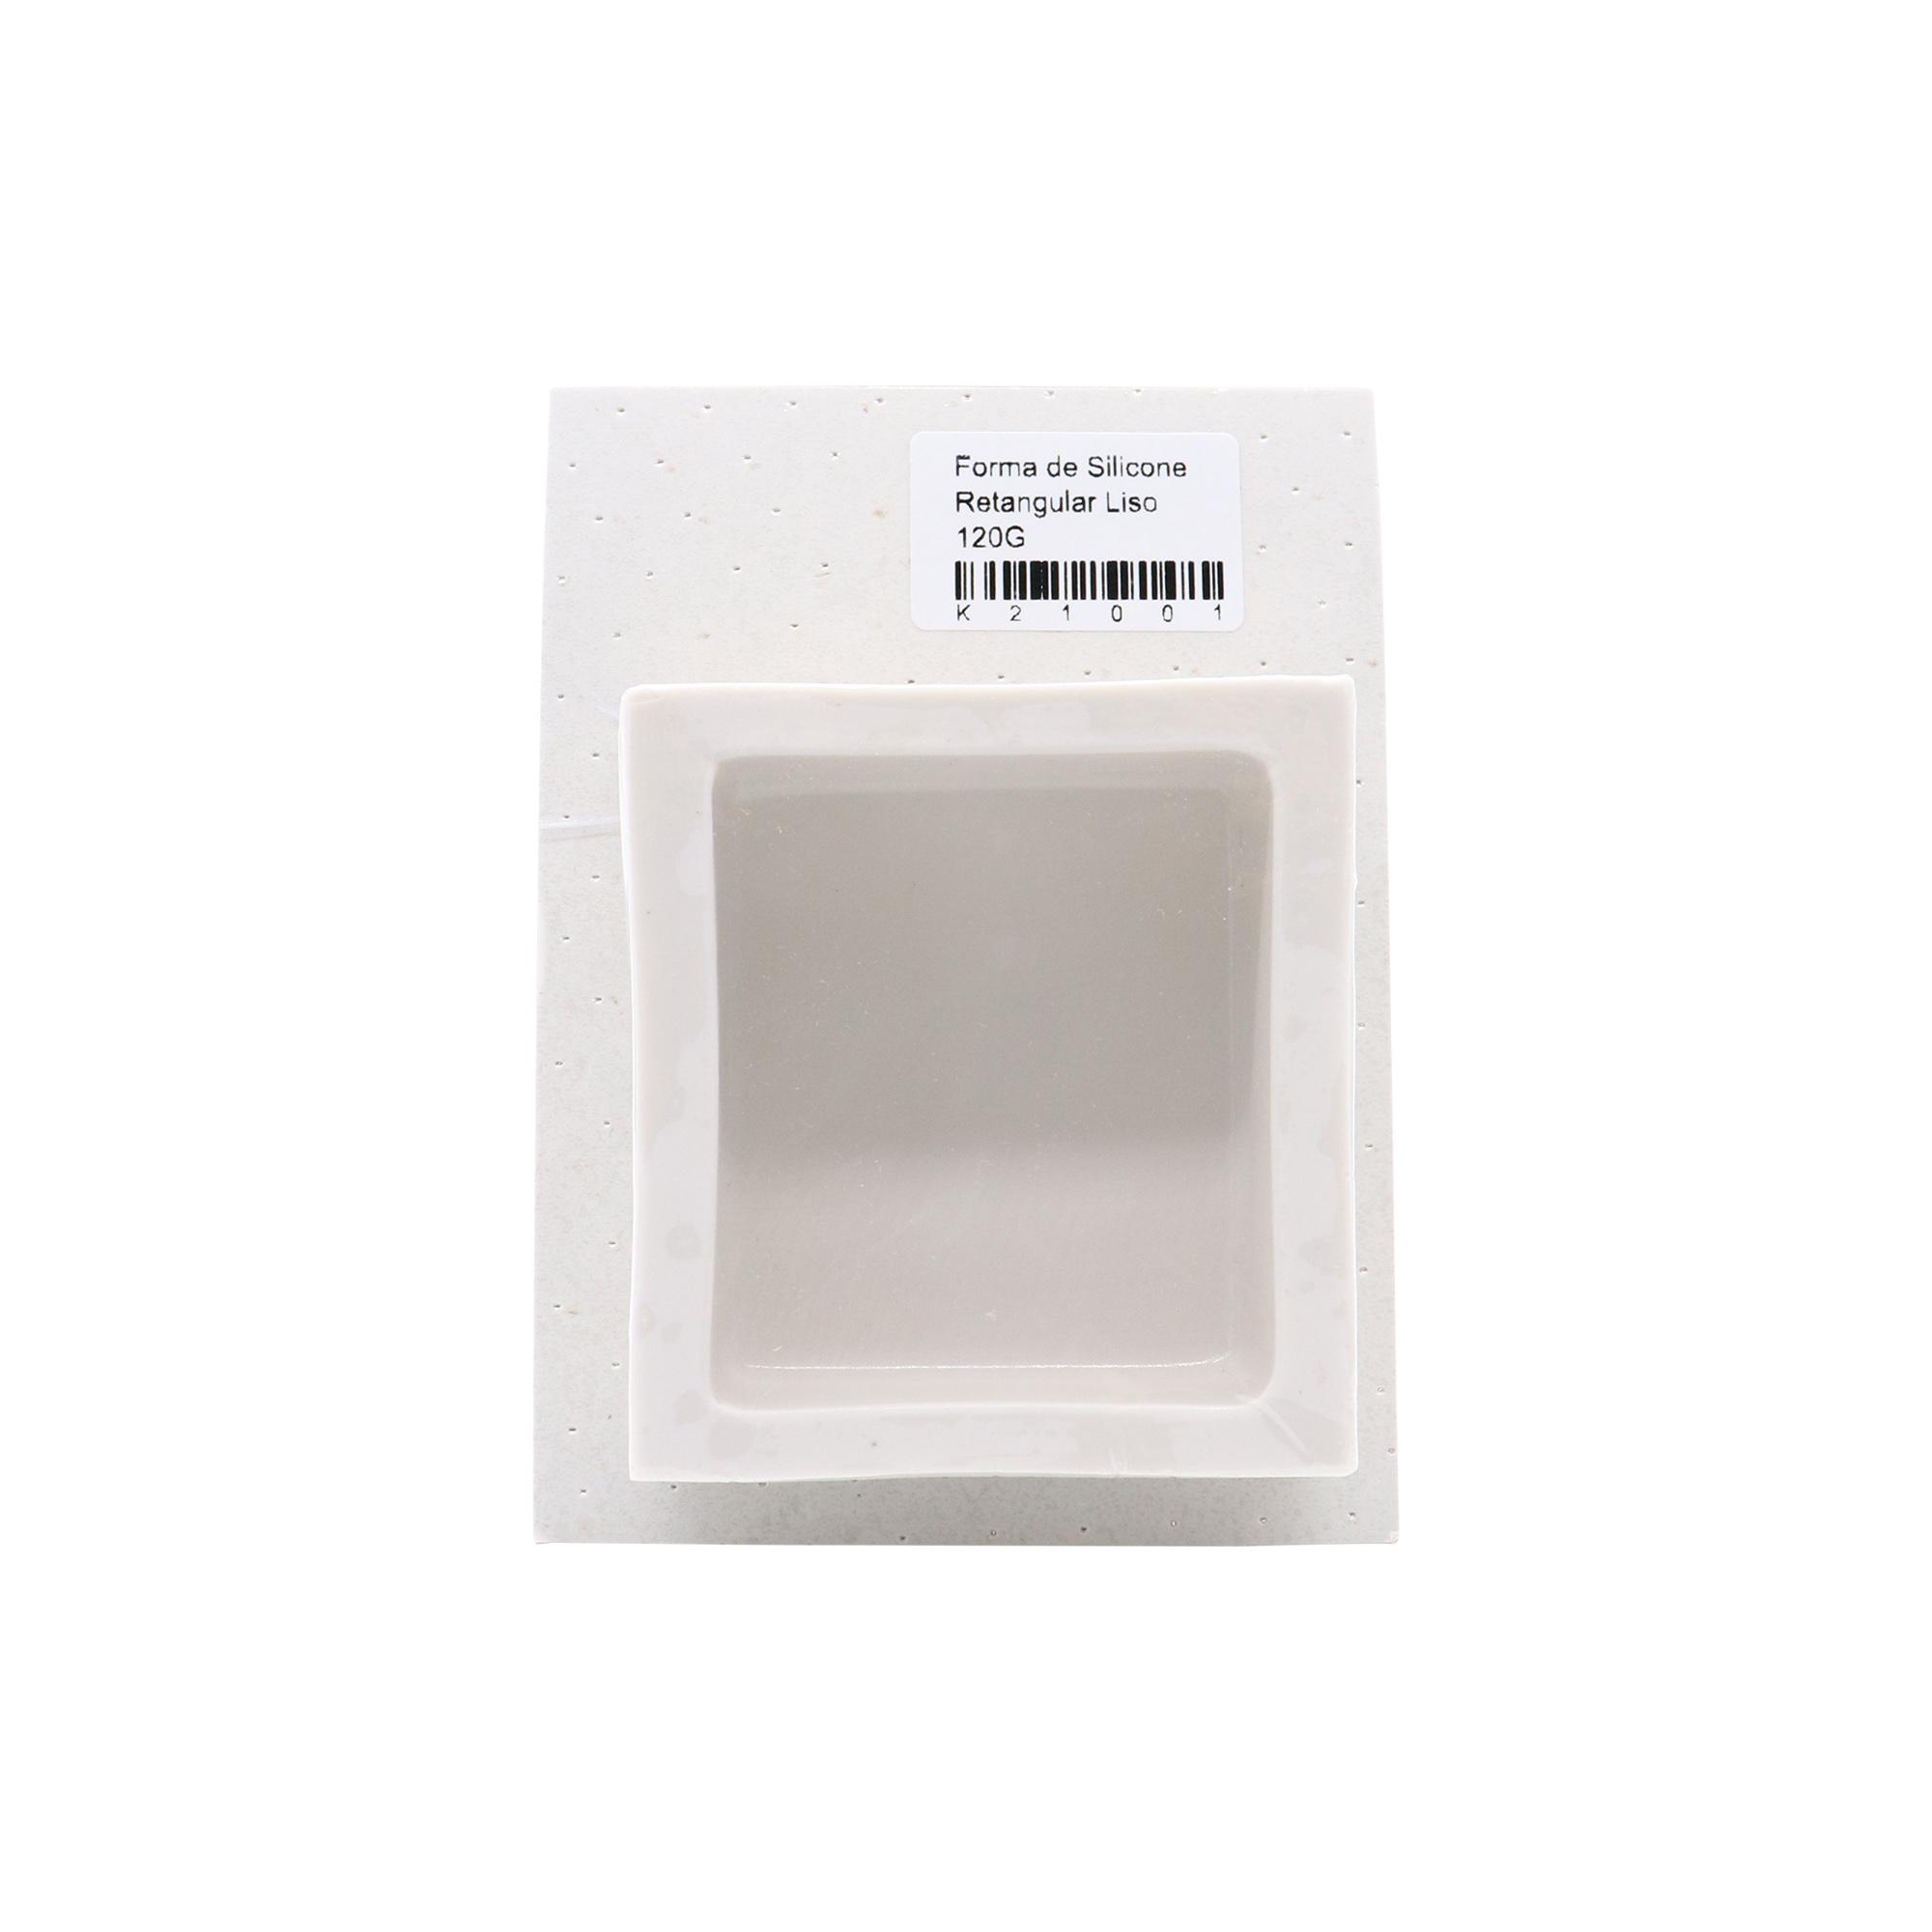 Molde de silicone retangular liso